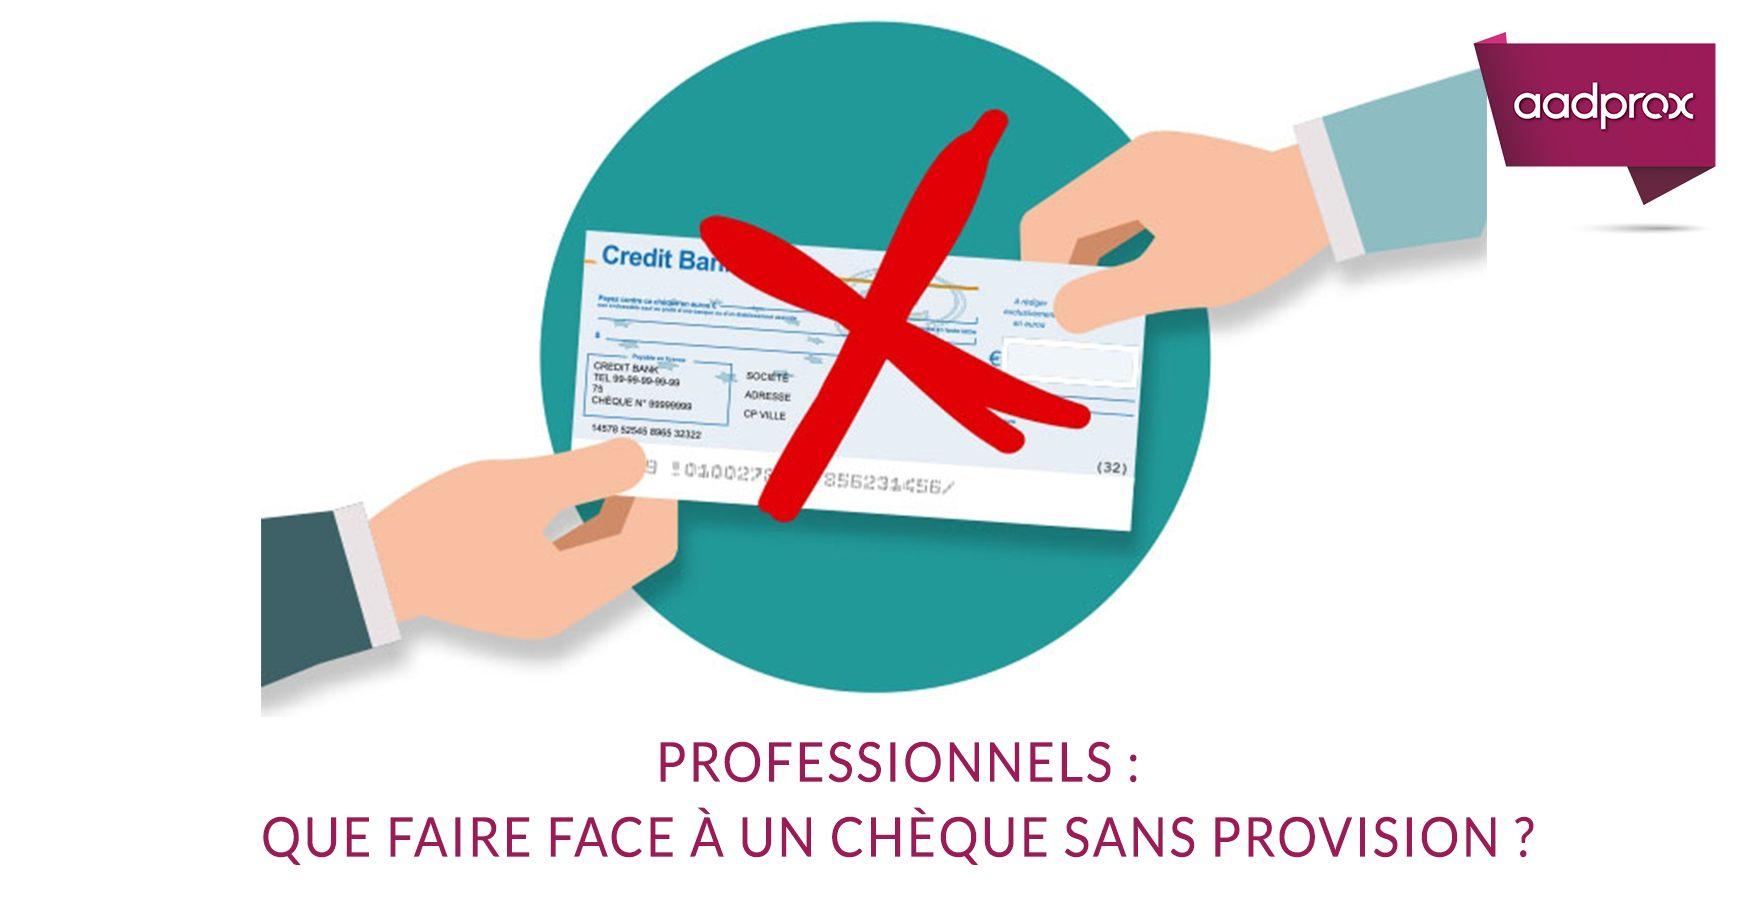 Professionnels : que faire face à un chèque sans provision ?